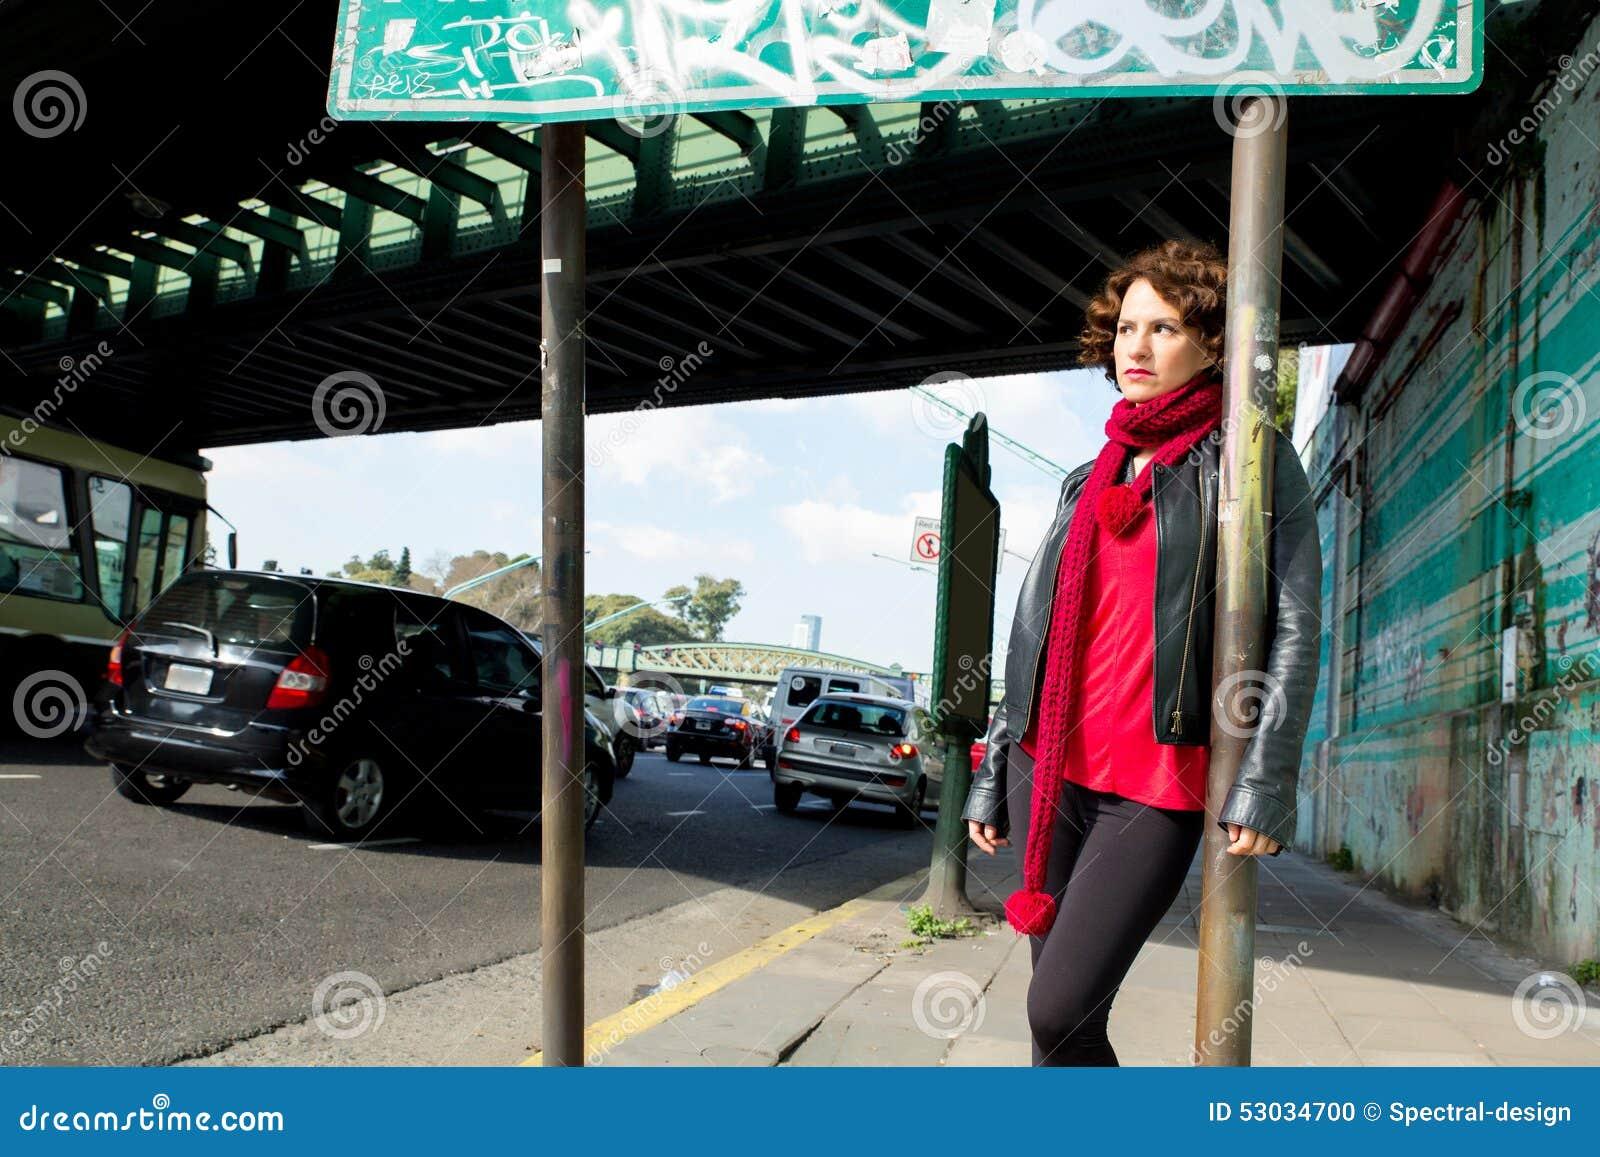 Miastowa scena z zmysłową kobietą